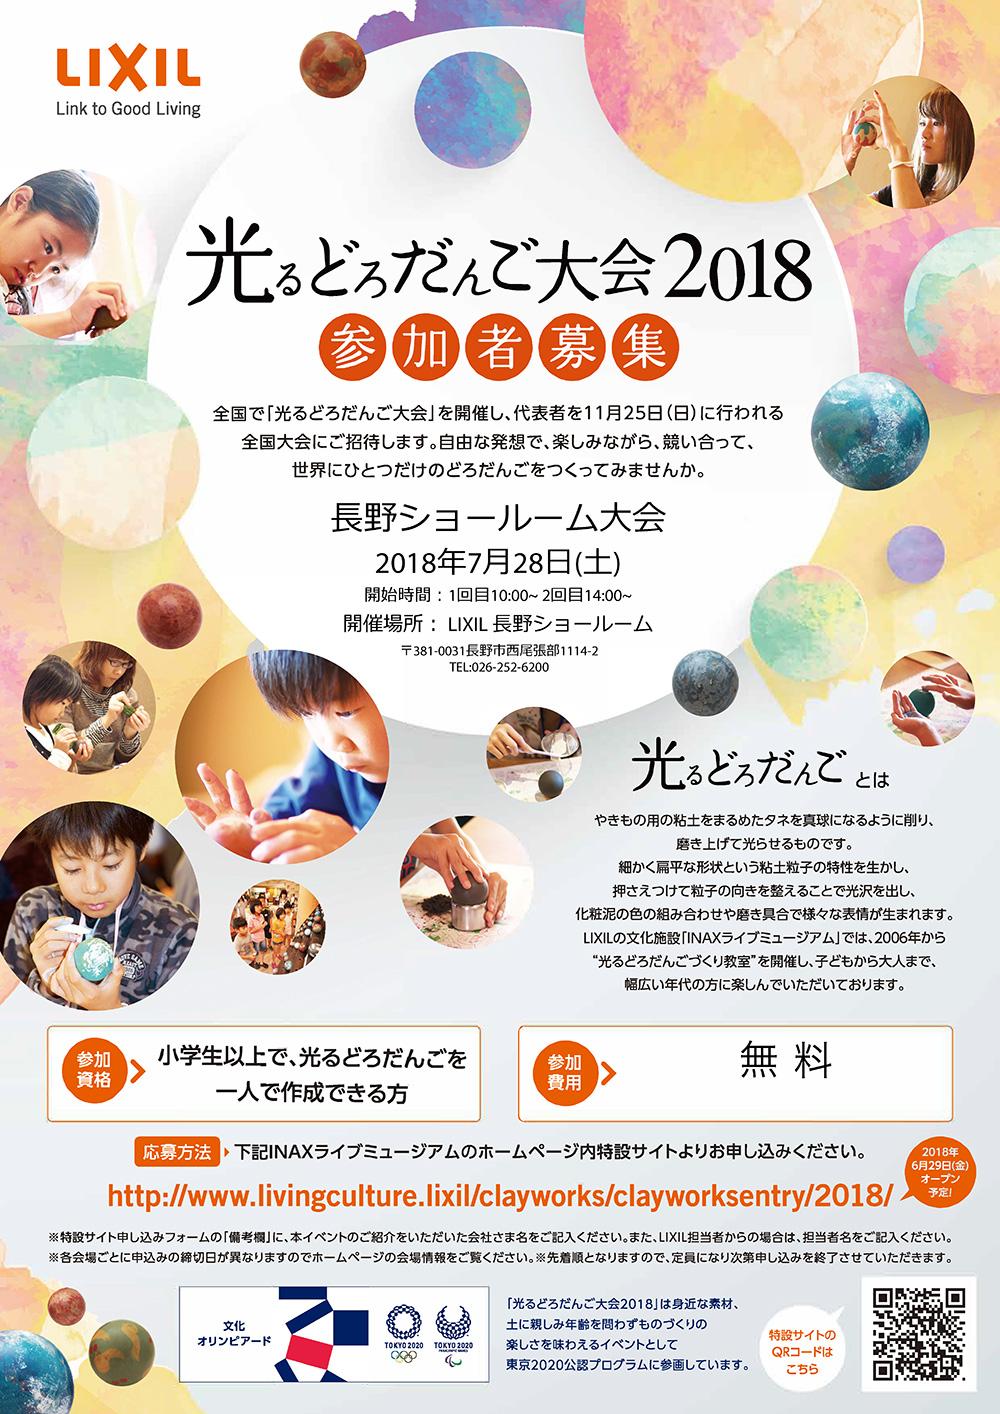 光るどろだんご大会2018長野